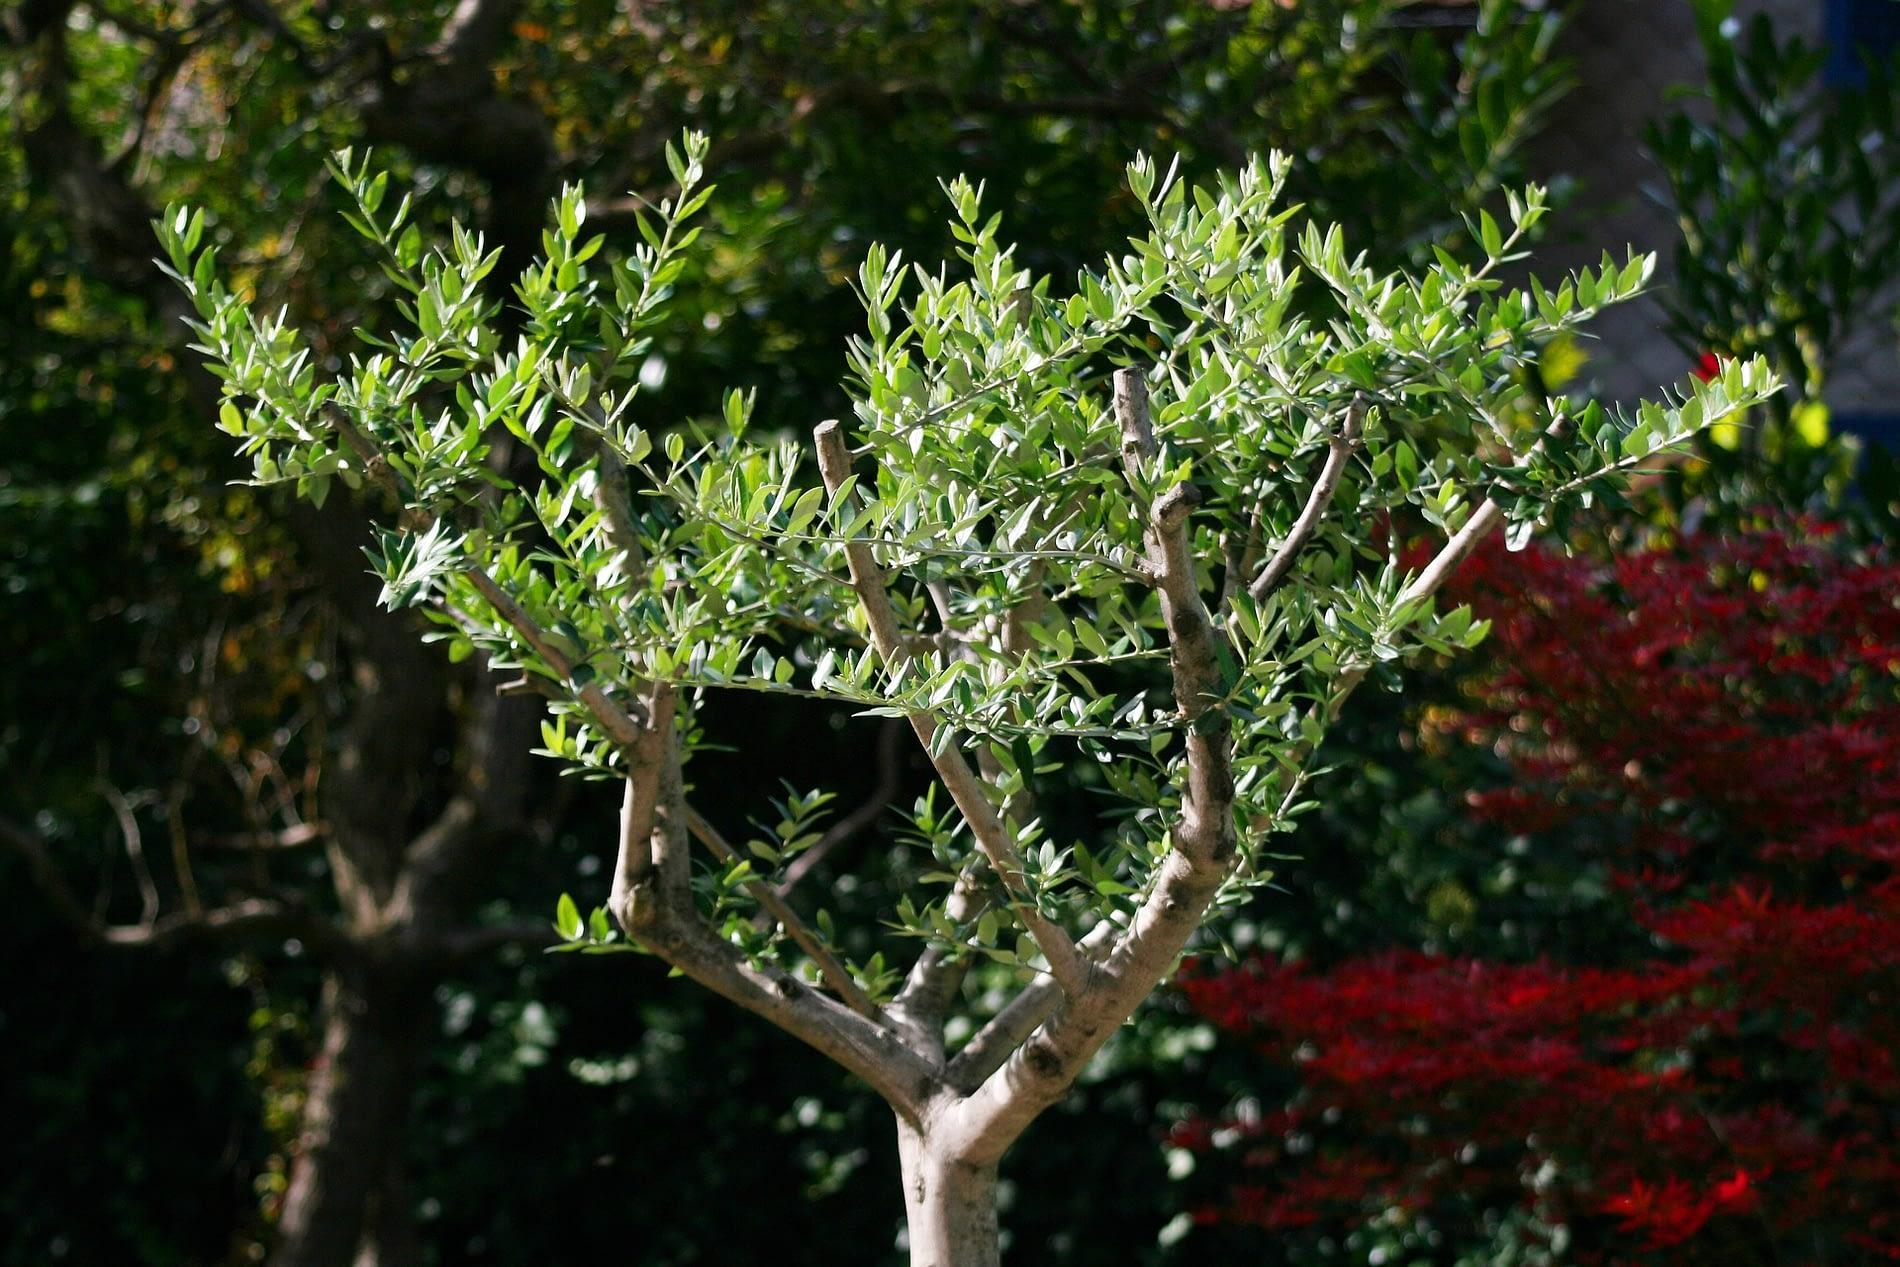 Jardín con un olivo joven.